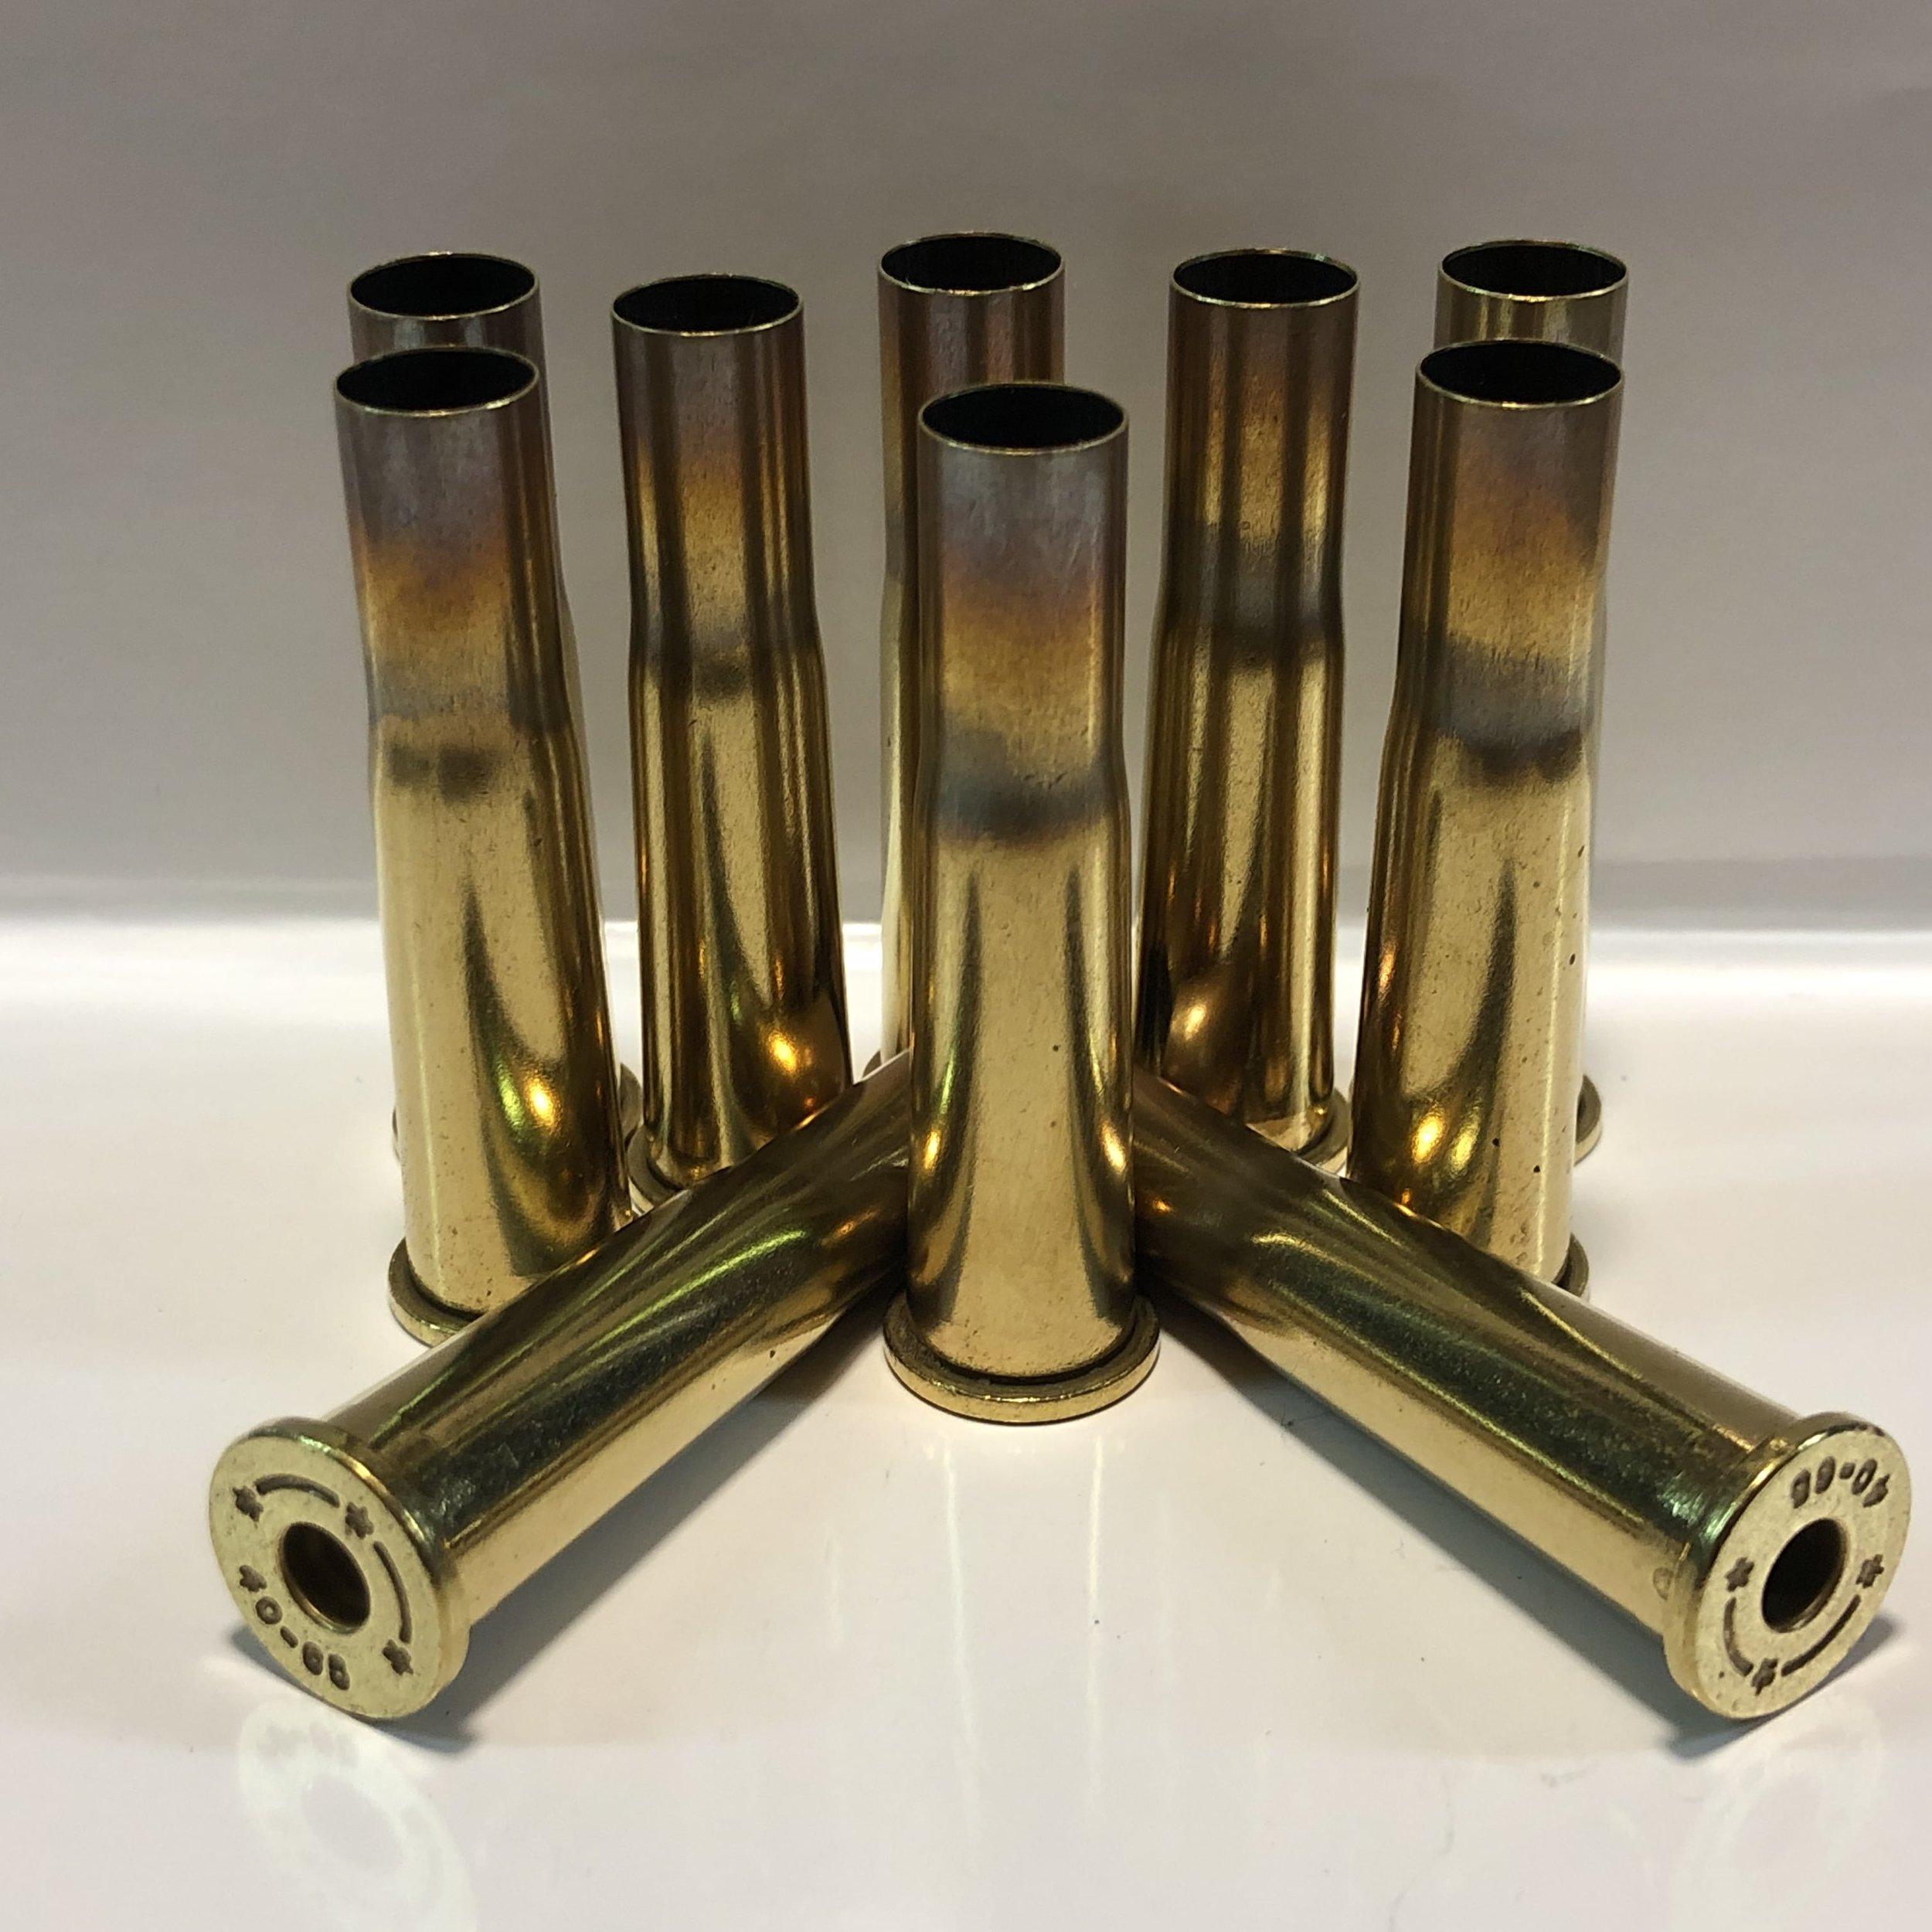 38/56 WINCHESTER CENTER FIRE ammunitionartifacts